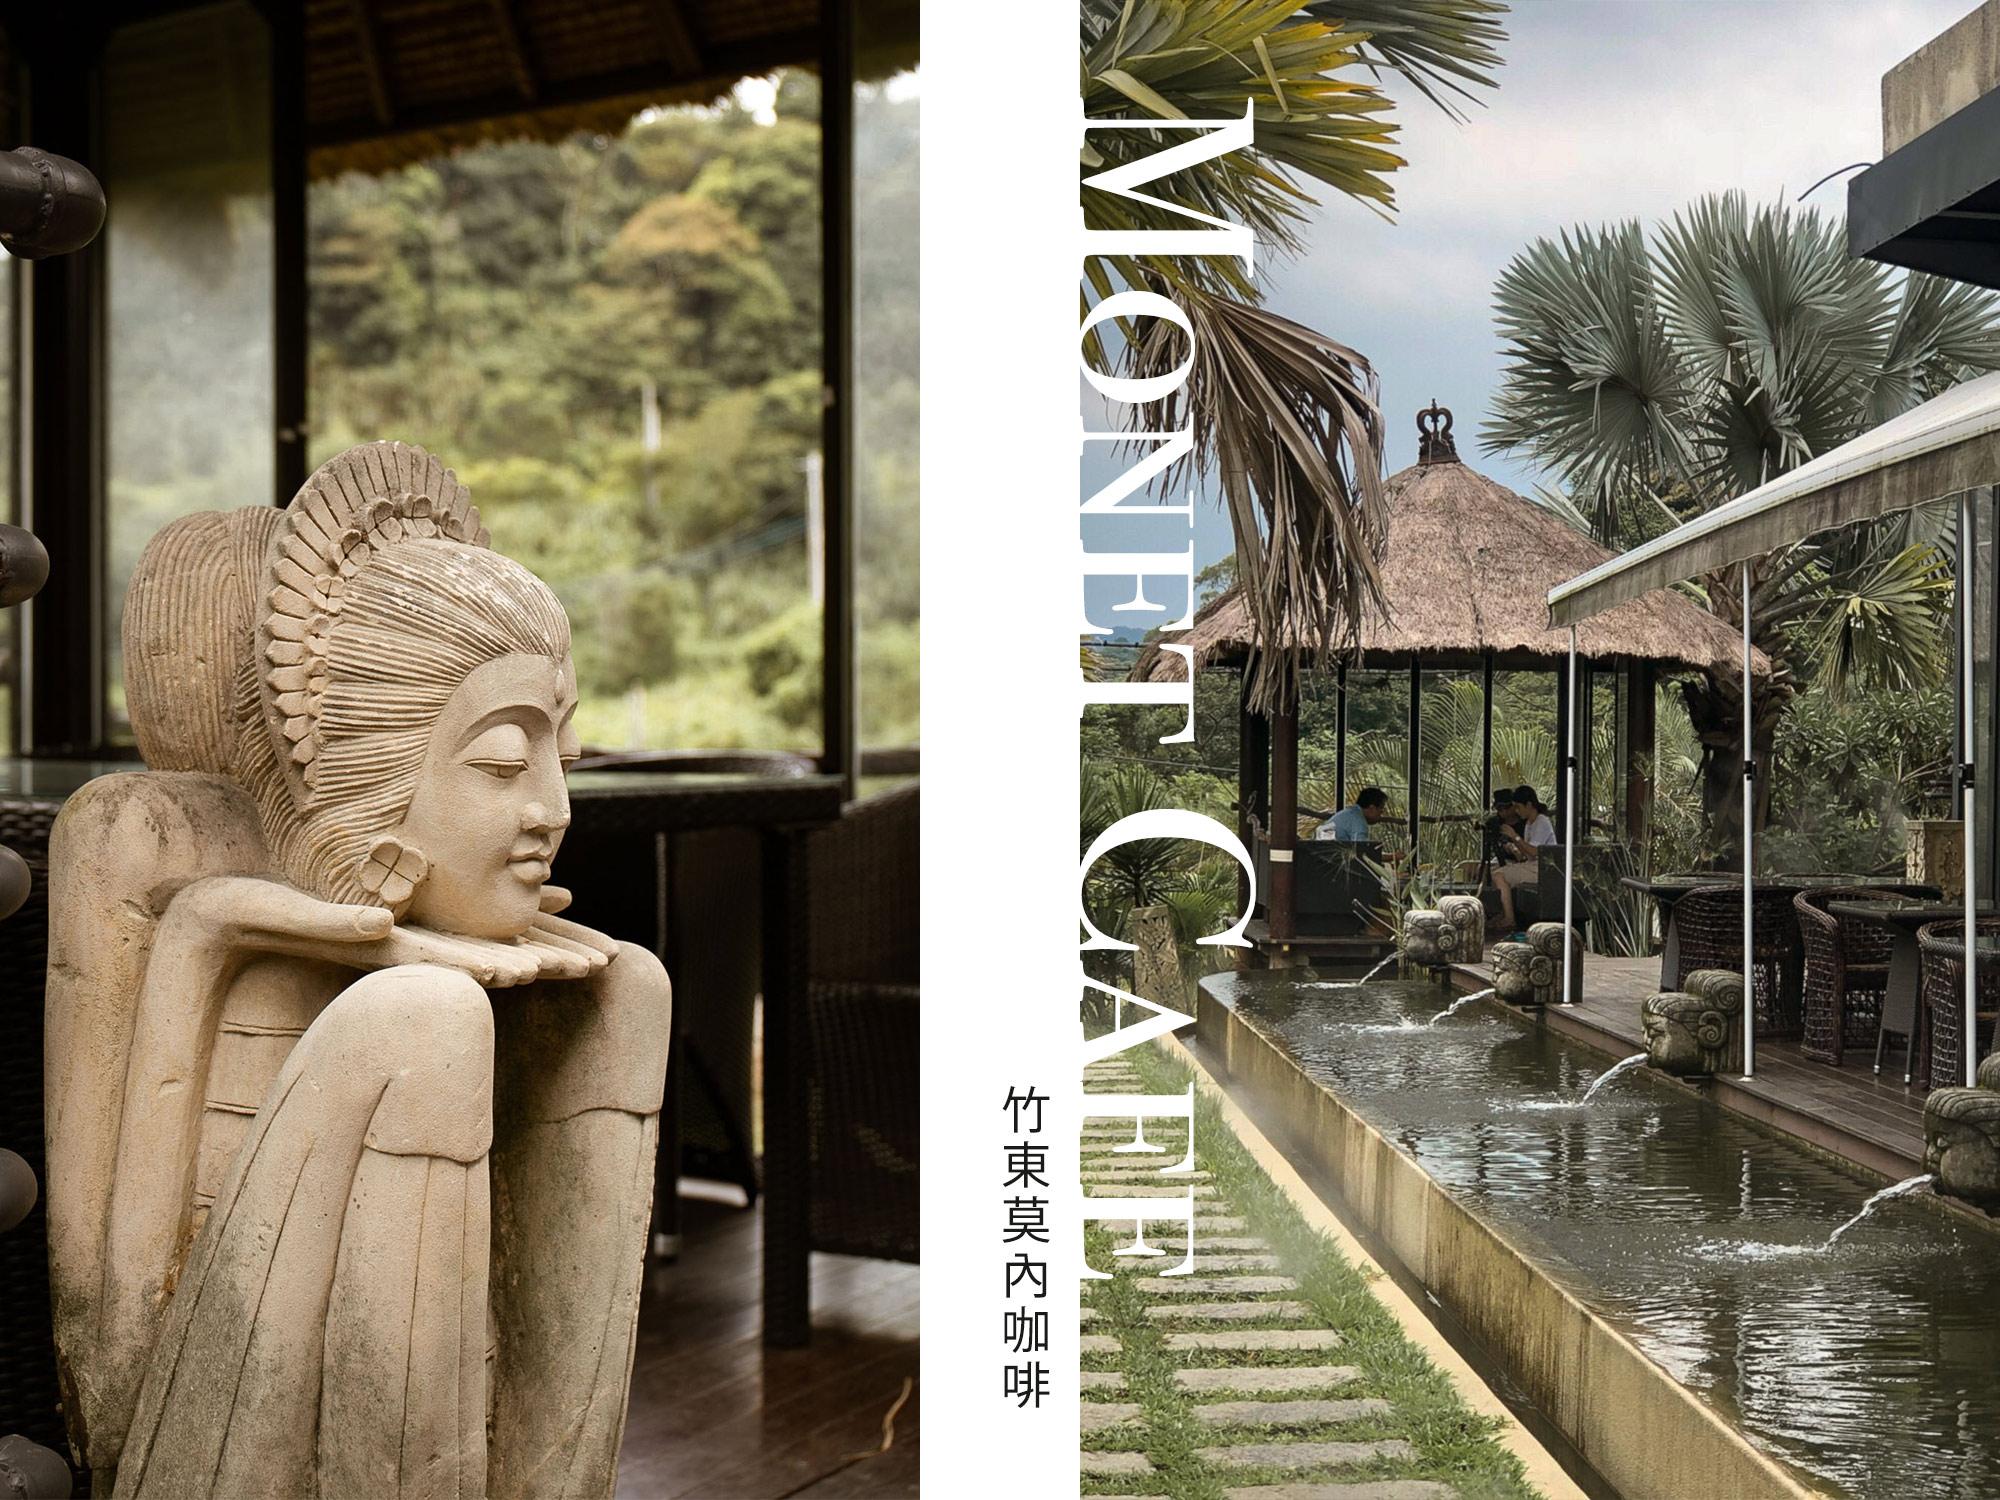 竹東莫內咖啡|家庭親子、約會、寵物友善餐廳,峇里島風格的悠閒景觀餐廳(內含Menu菜單和評分)